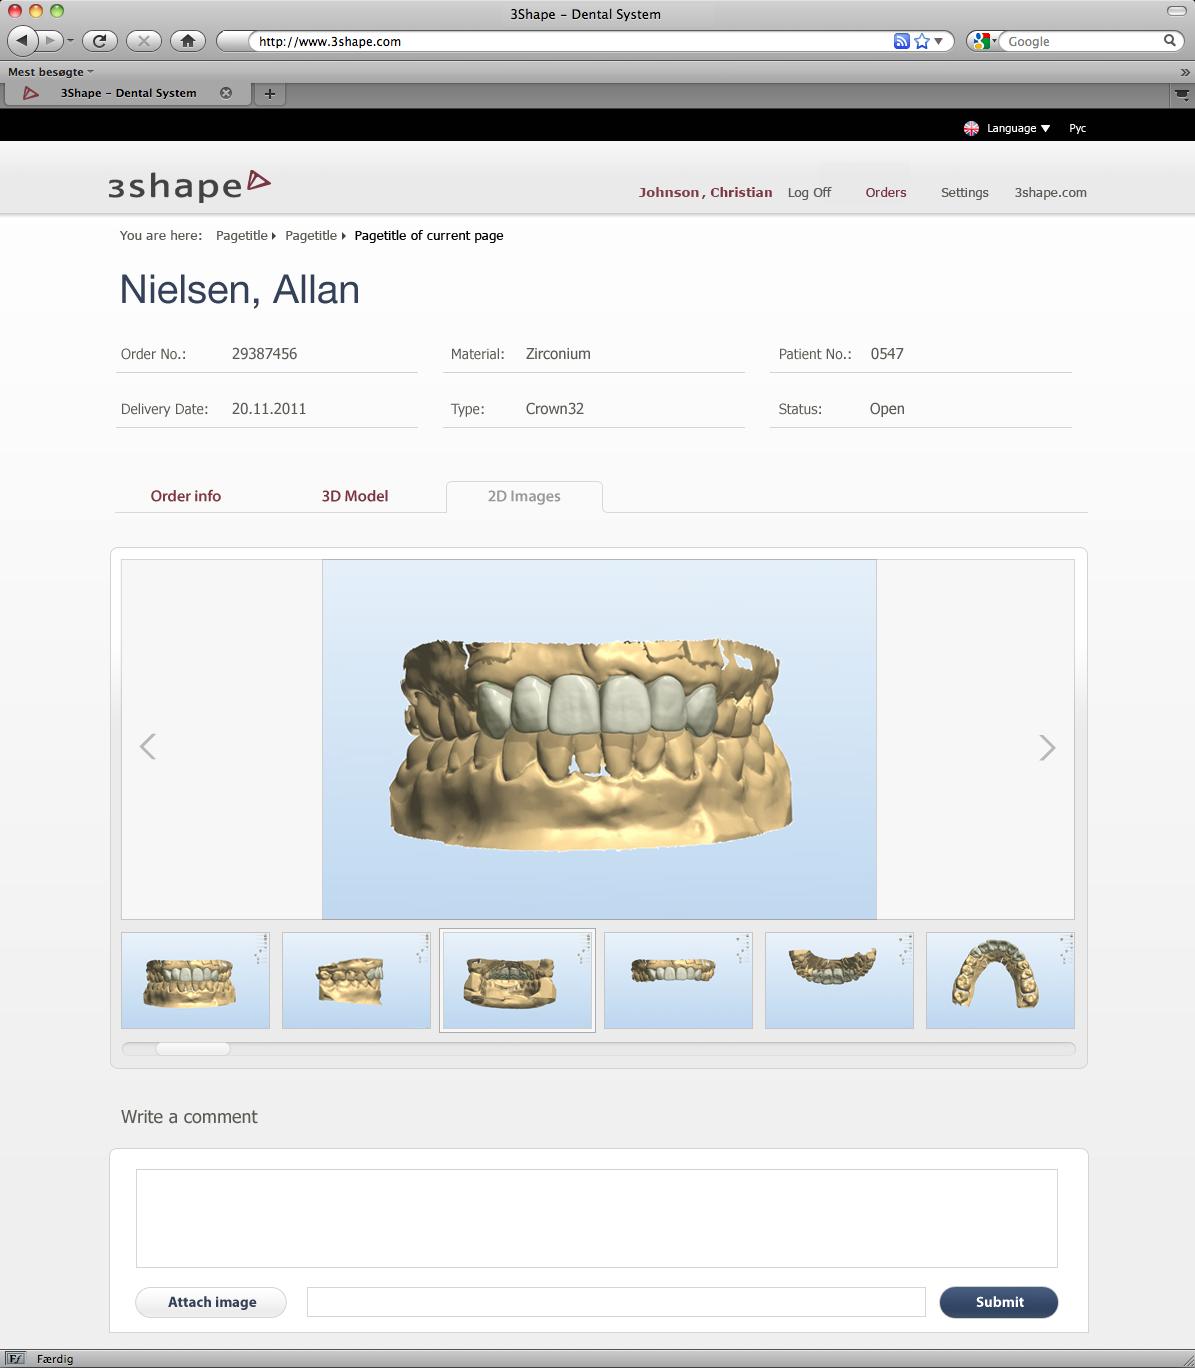 Kastle Mills Digital Dentistry Korner - Your Source for